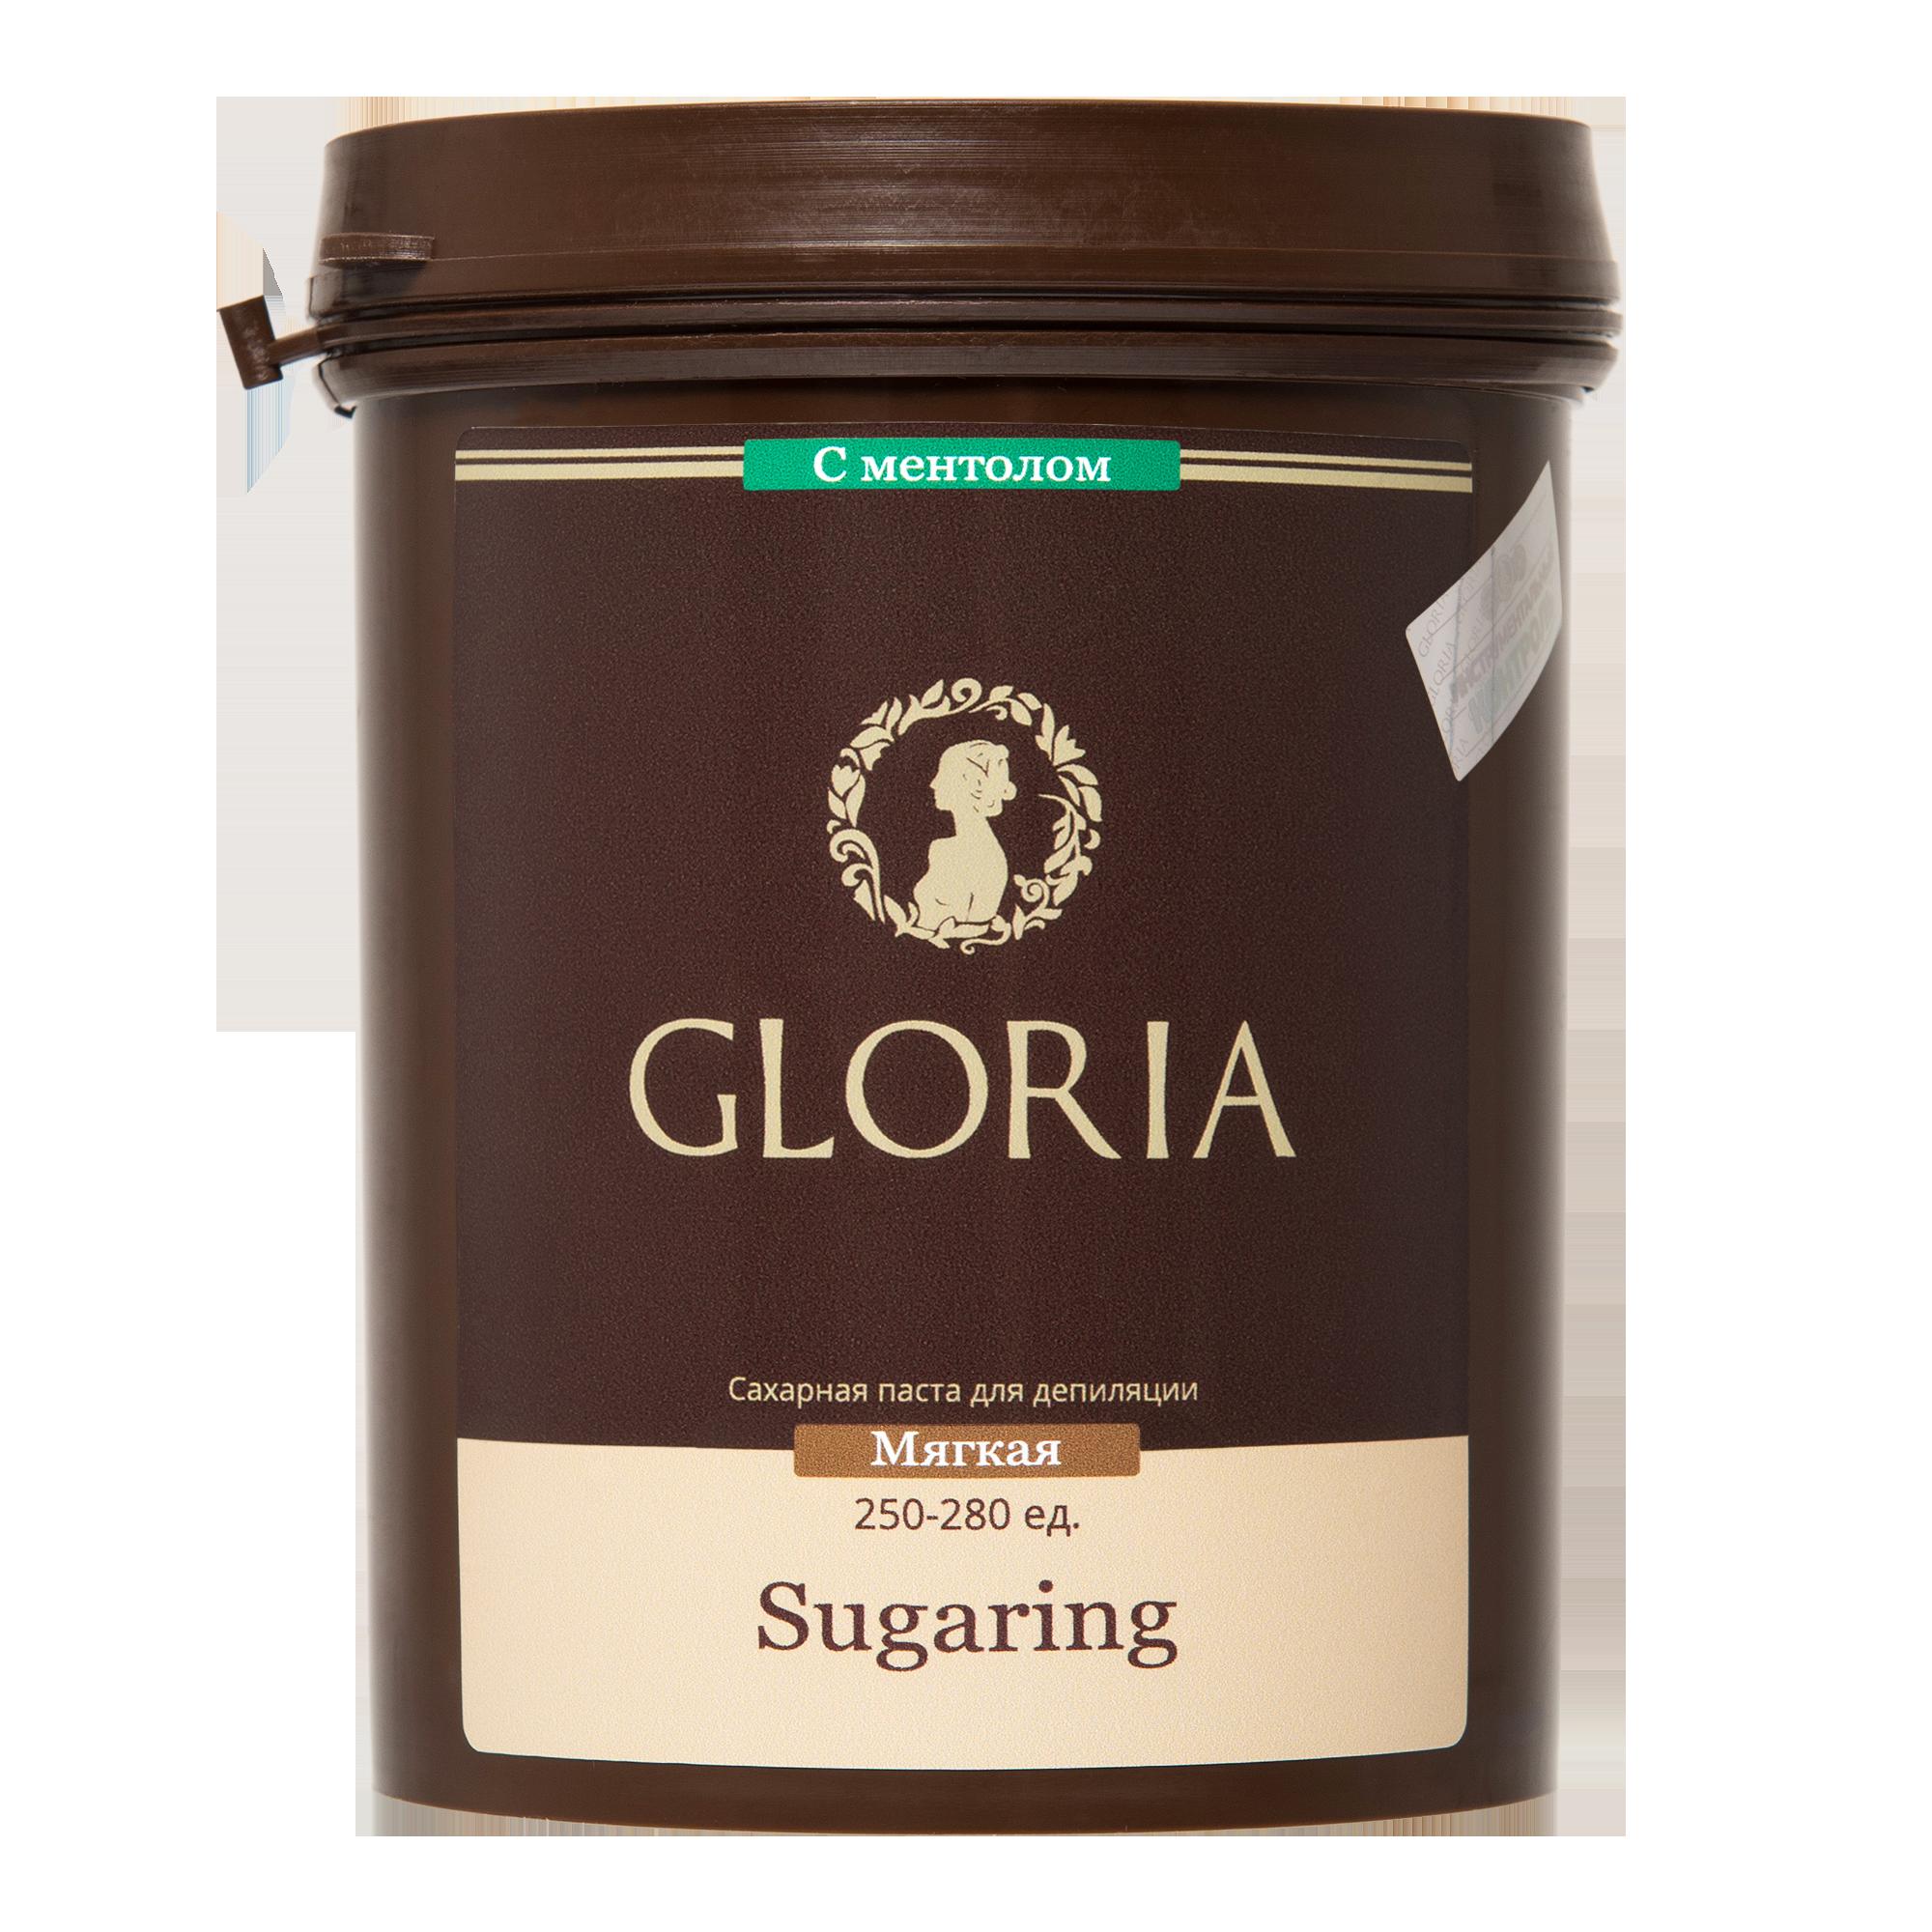 GLORIA Паста сахарная для депиляции мягкая с ментолом / GLORIA, 1,8 кг -  Сахарные пасты